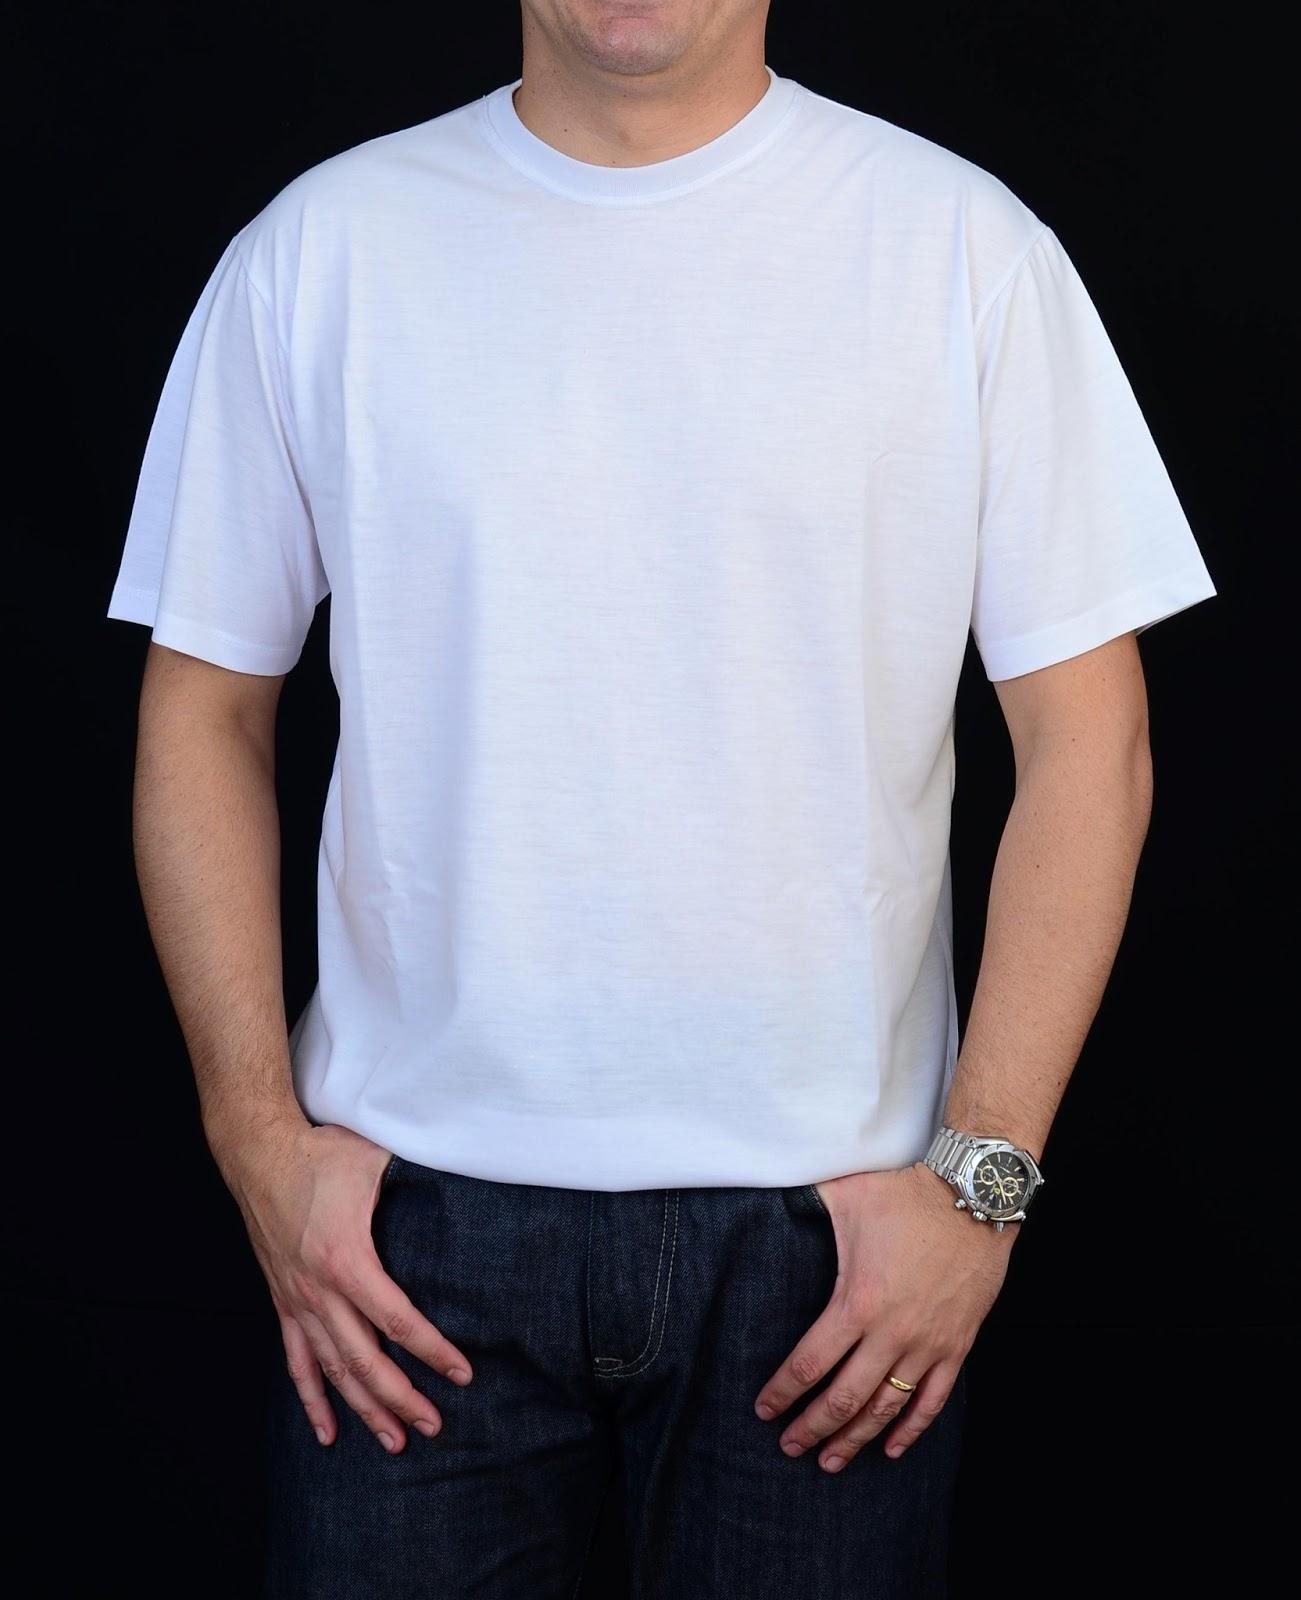 Camisetas em Atacado  Camisetas 100% Poliéster Fiado - SUBLIMAÇÃO b3571807ecdef